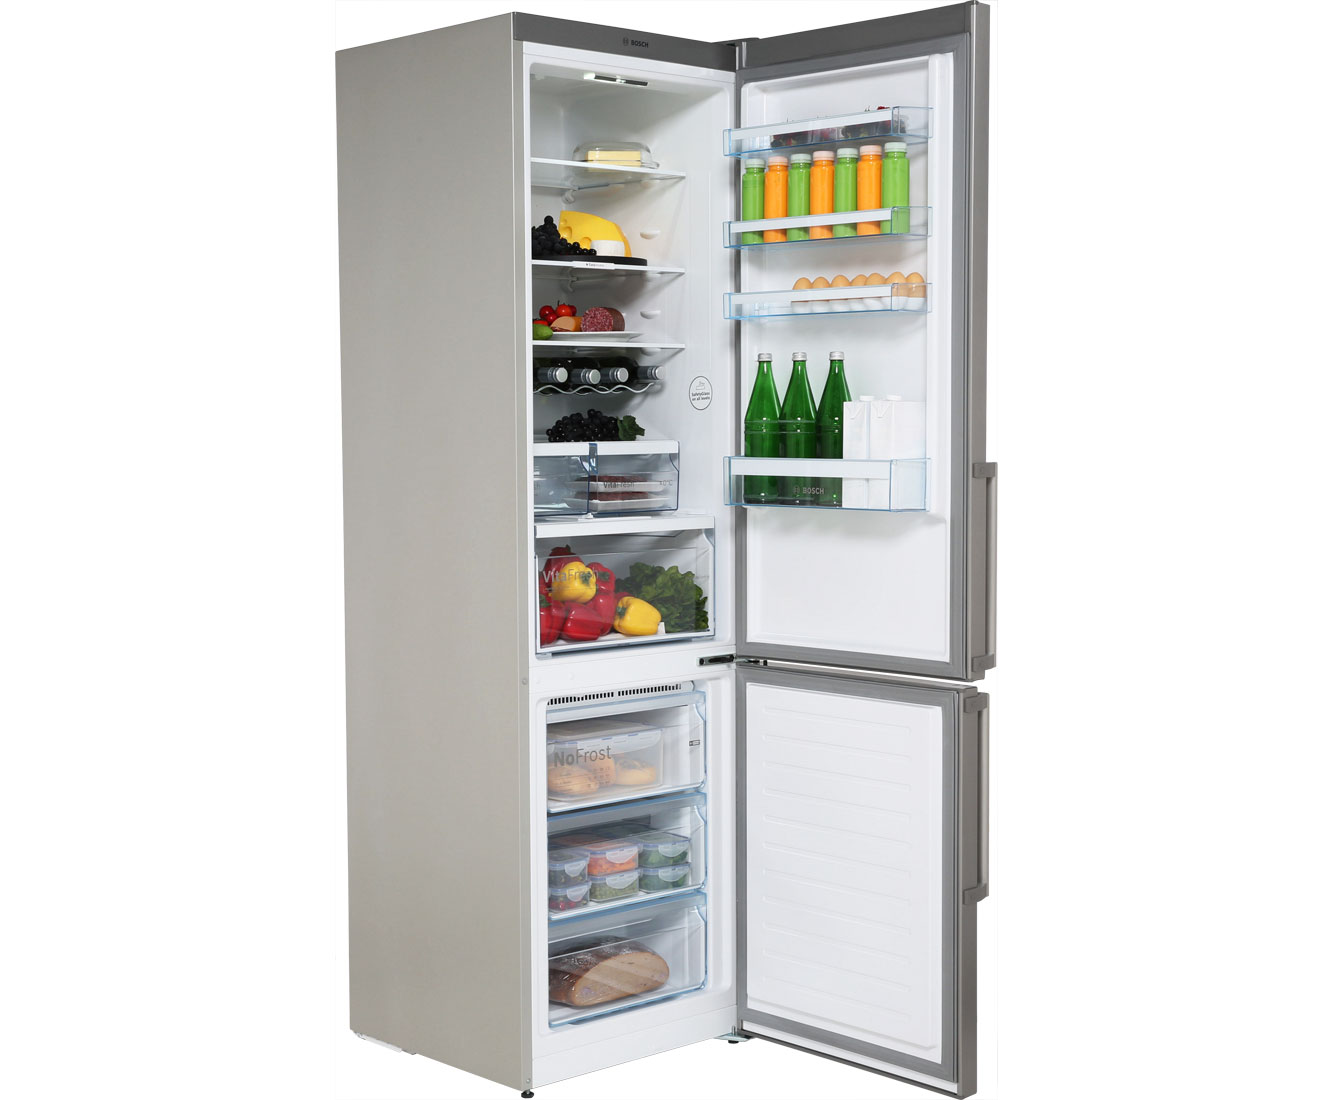 Kühlschrank Bomann Nofrost : Kühlschrank gefrierkombi bomann kühlschrank gefrierkombi klein